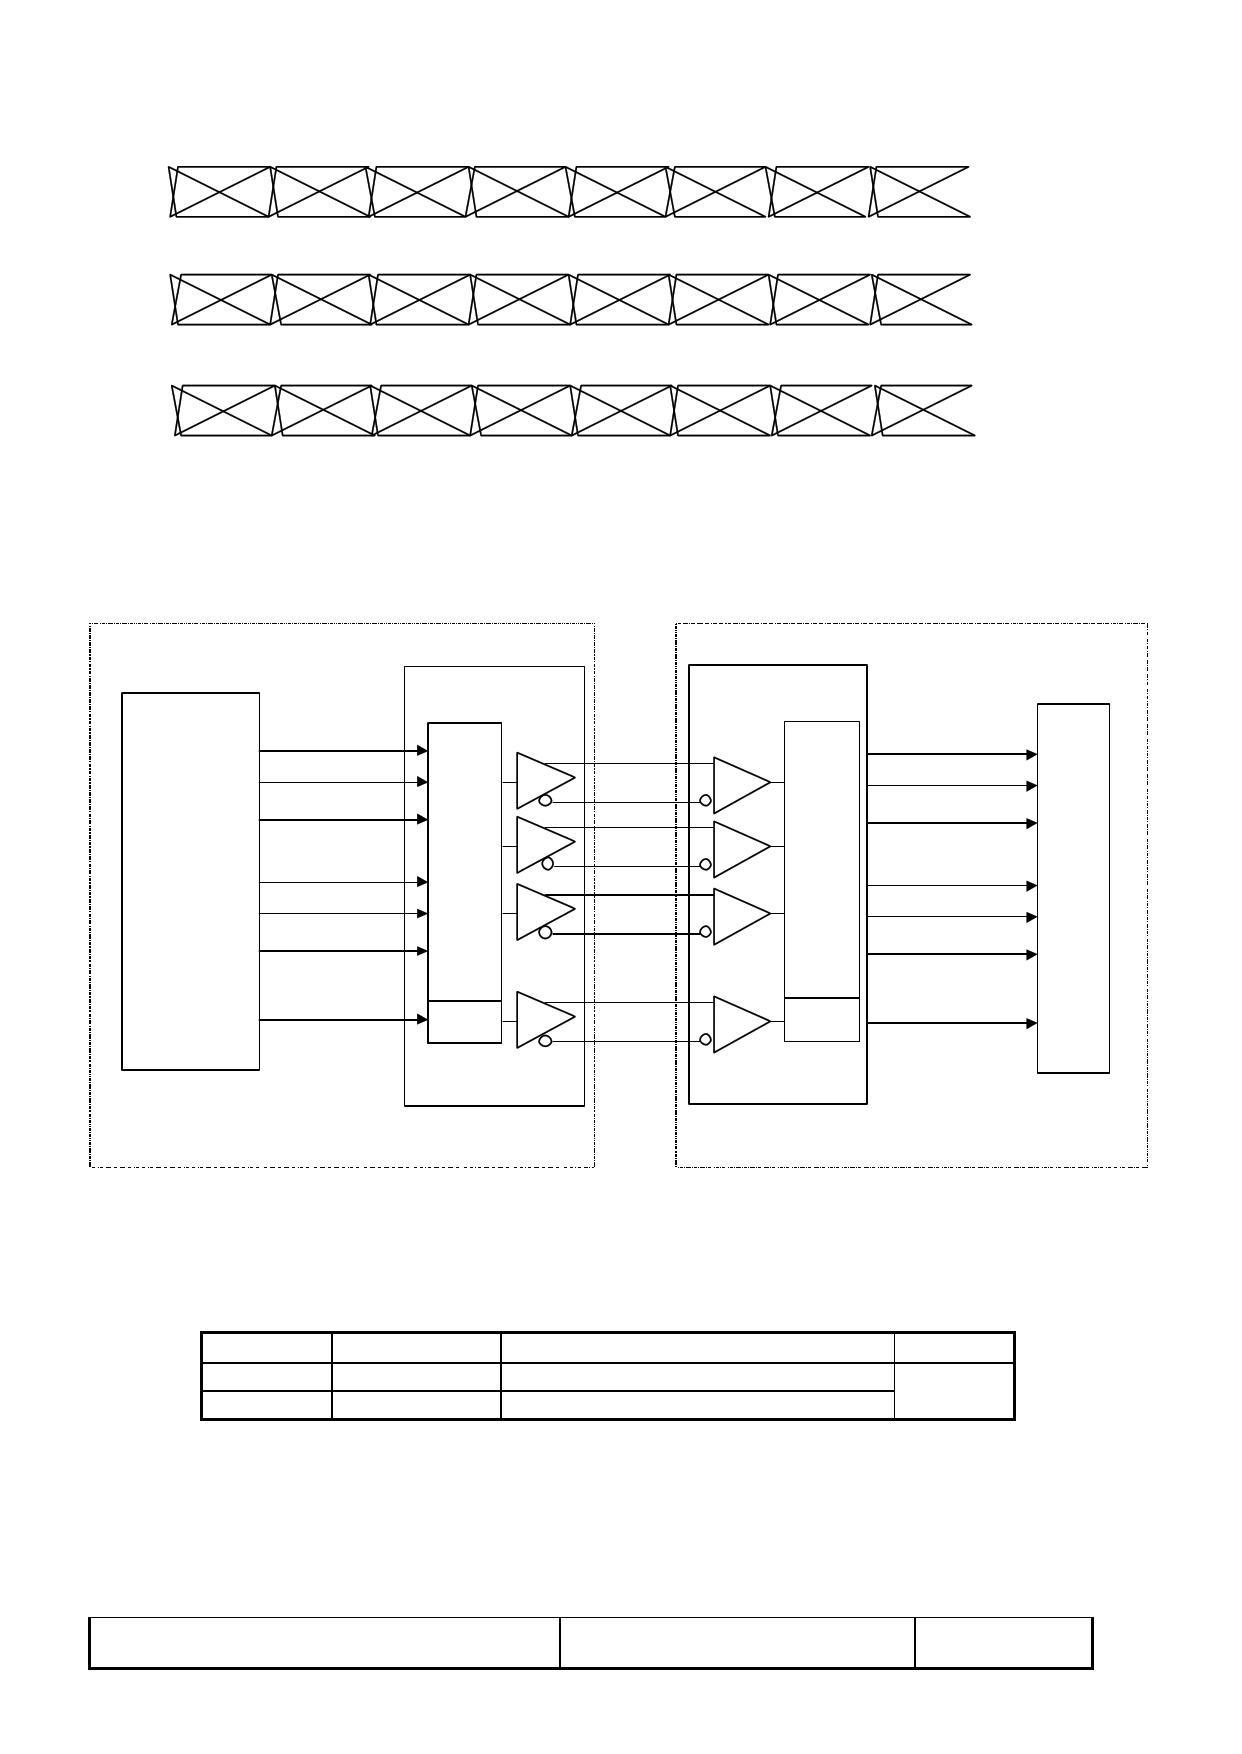 T-51410D104J-FW-P-AC pdf